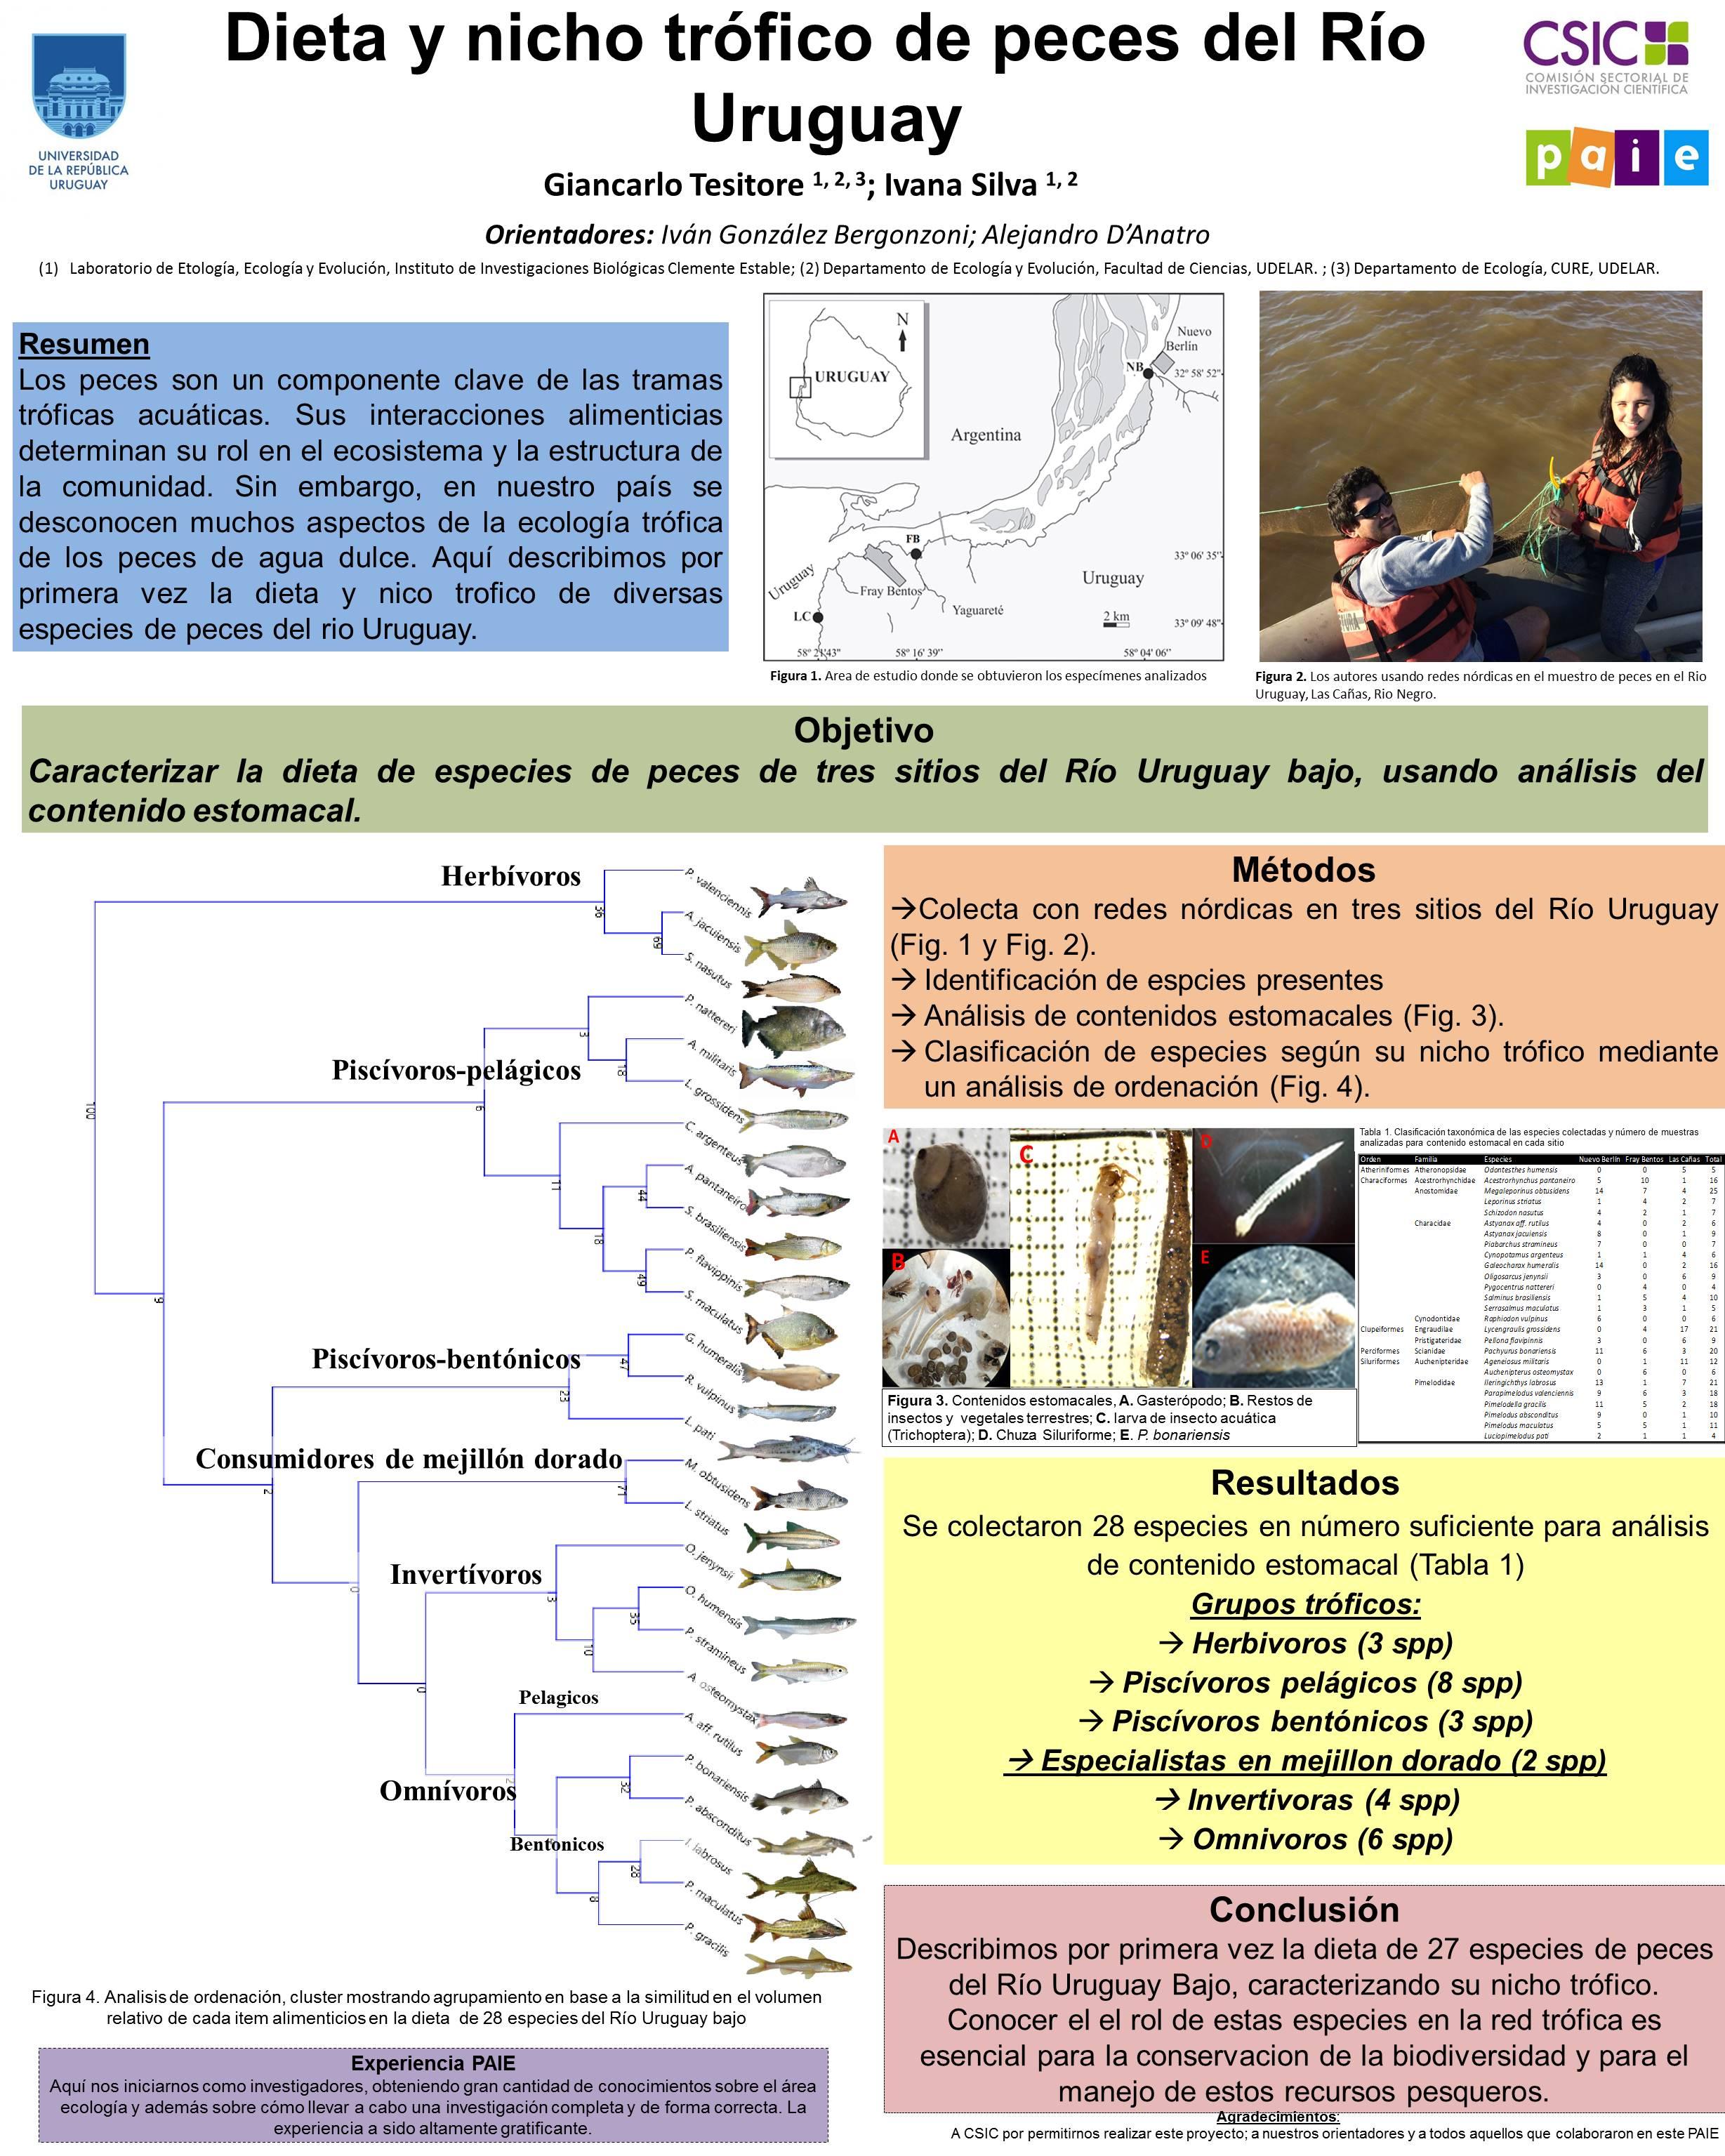 Dieta y morfología digestiva en peces del Río Uruguay